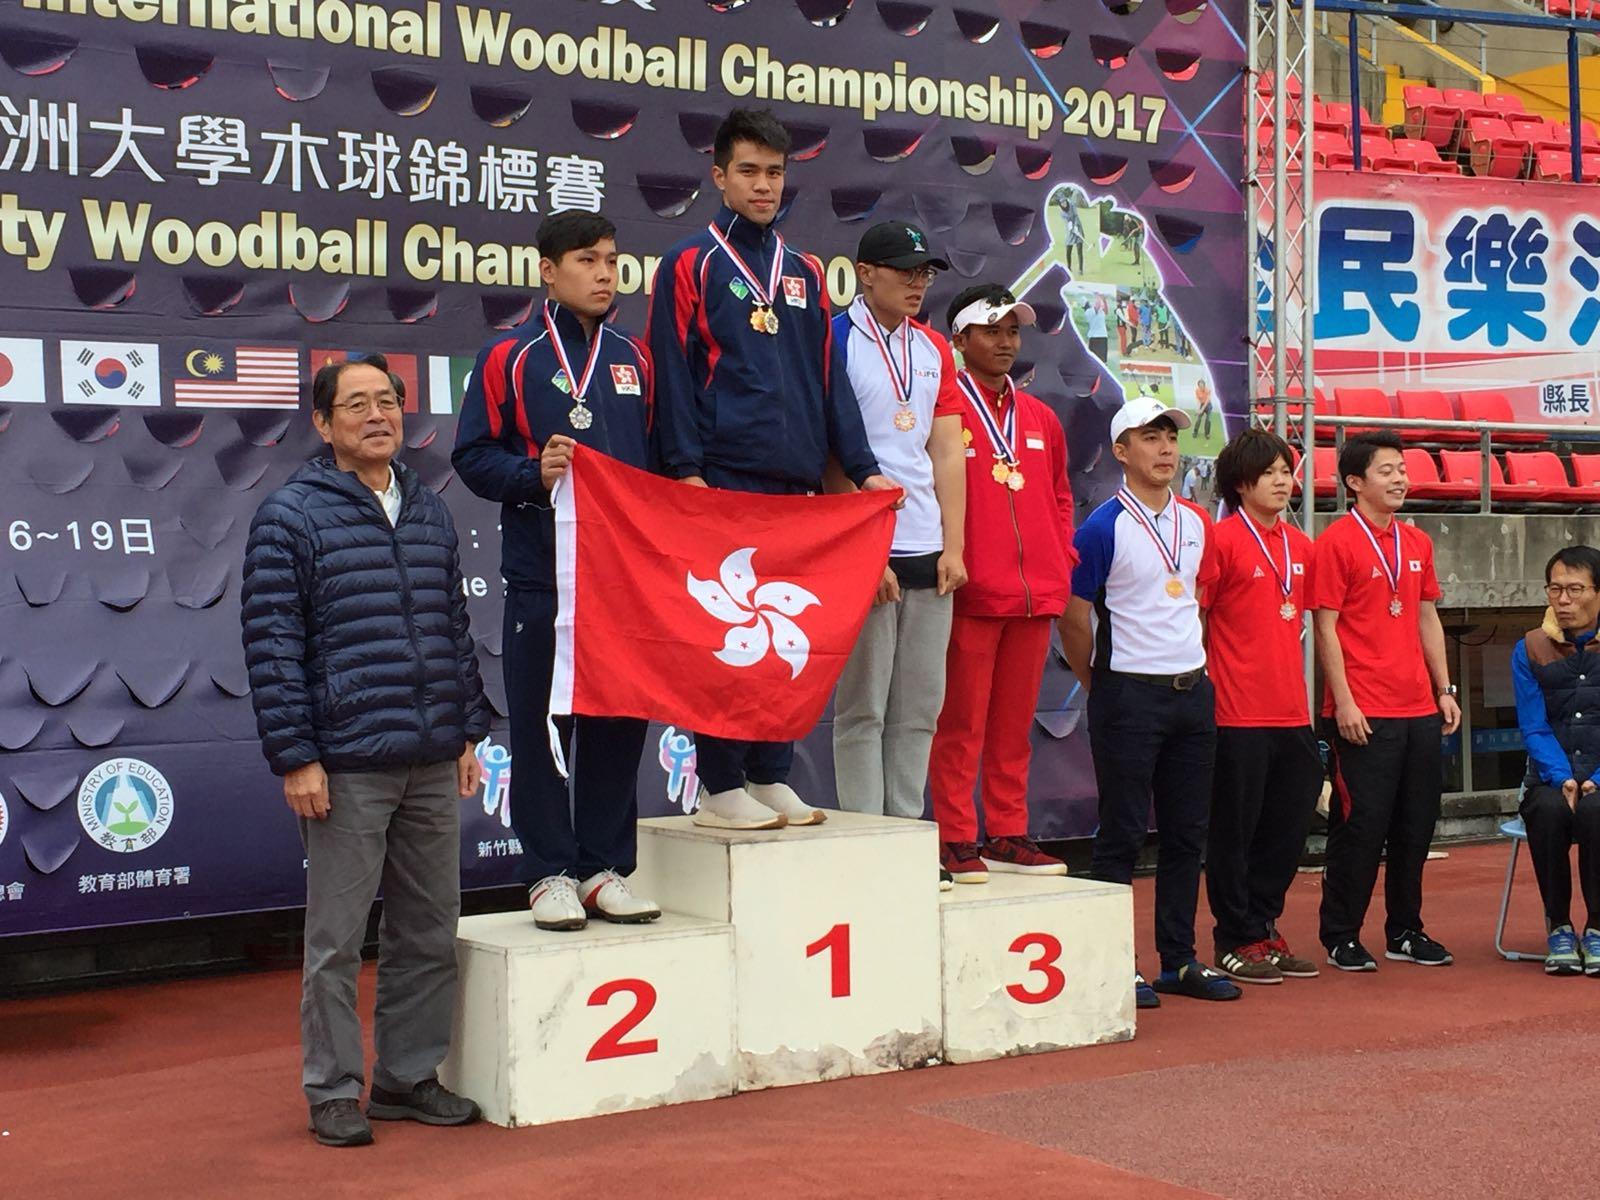 第九屆亞洲大學生活木球錦標賽2017